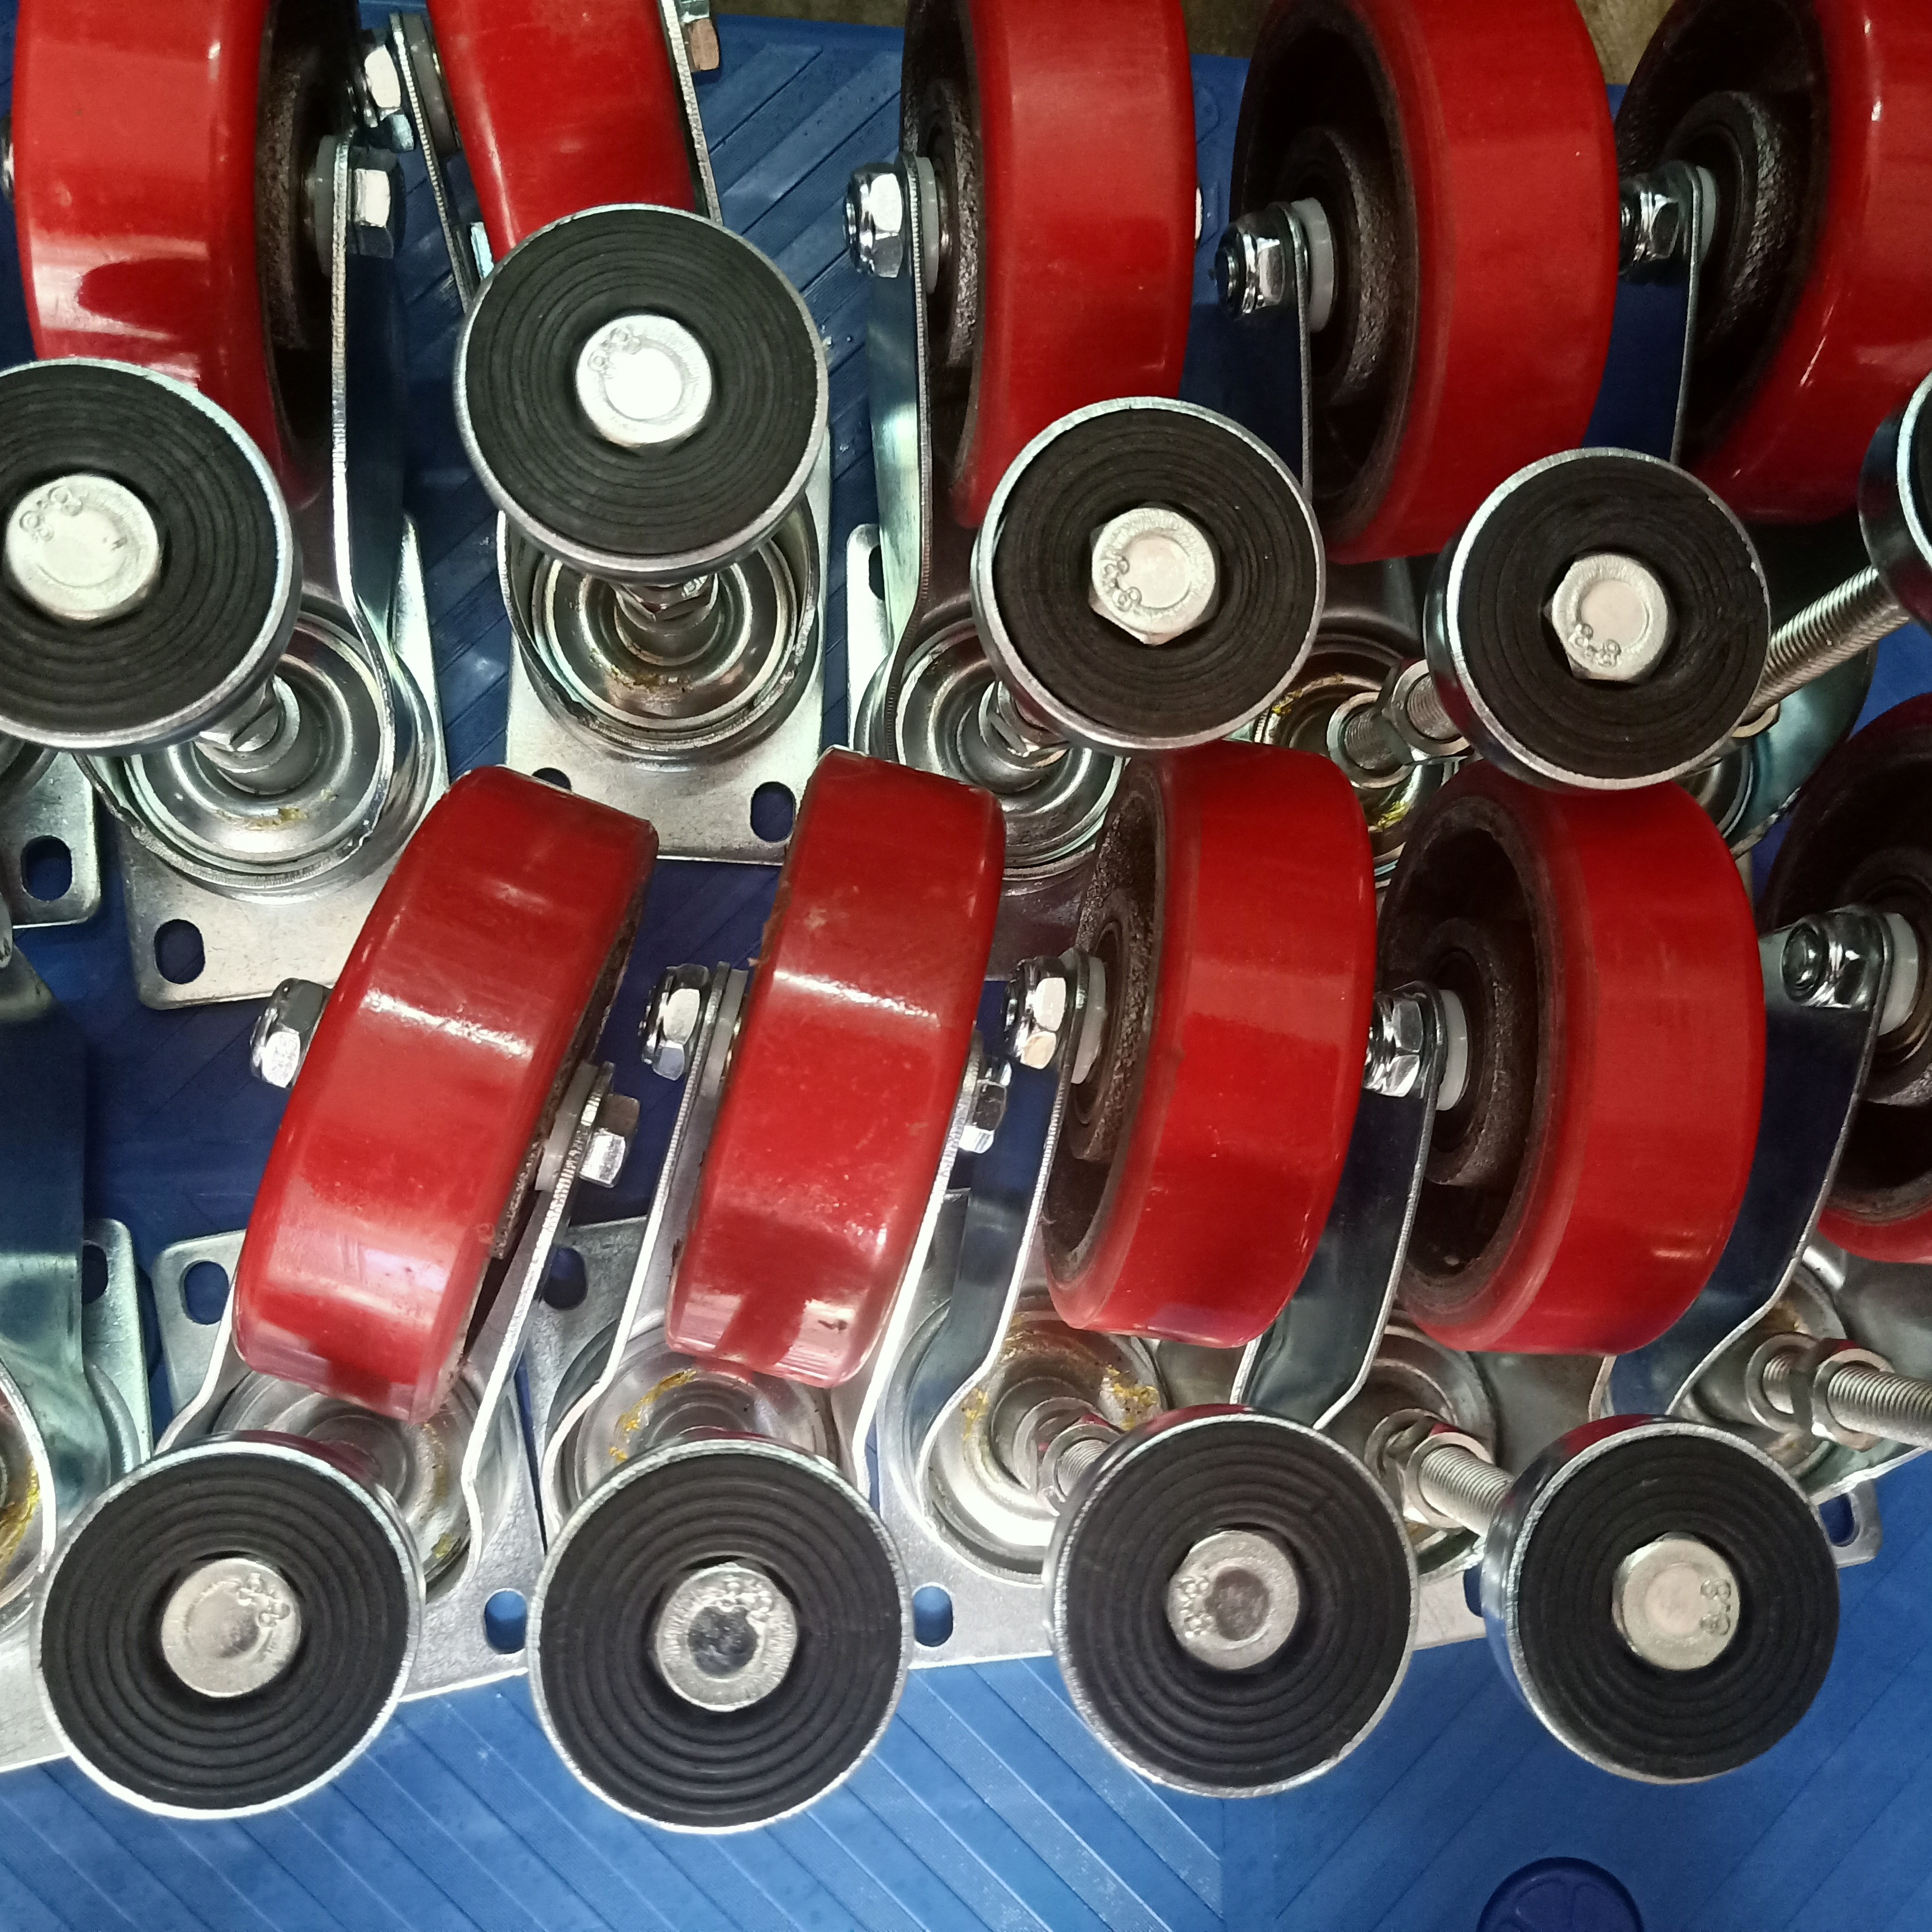 脚轮,单价包胶轮,叉车轮,批发价脚轮厂,厂家直销,万向轮,脚轮哪家好;永固聚氨酯制品